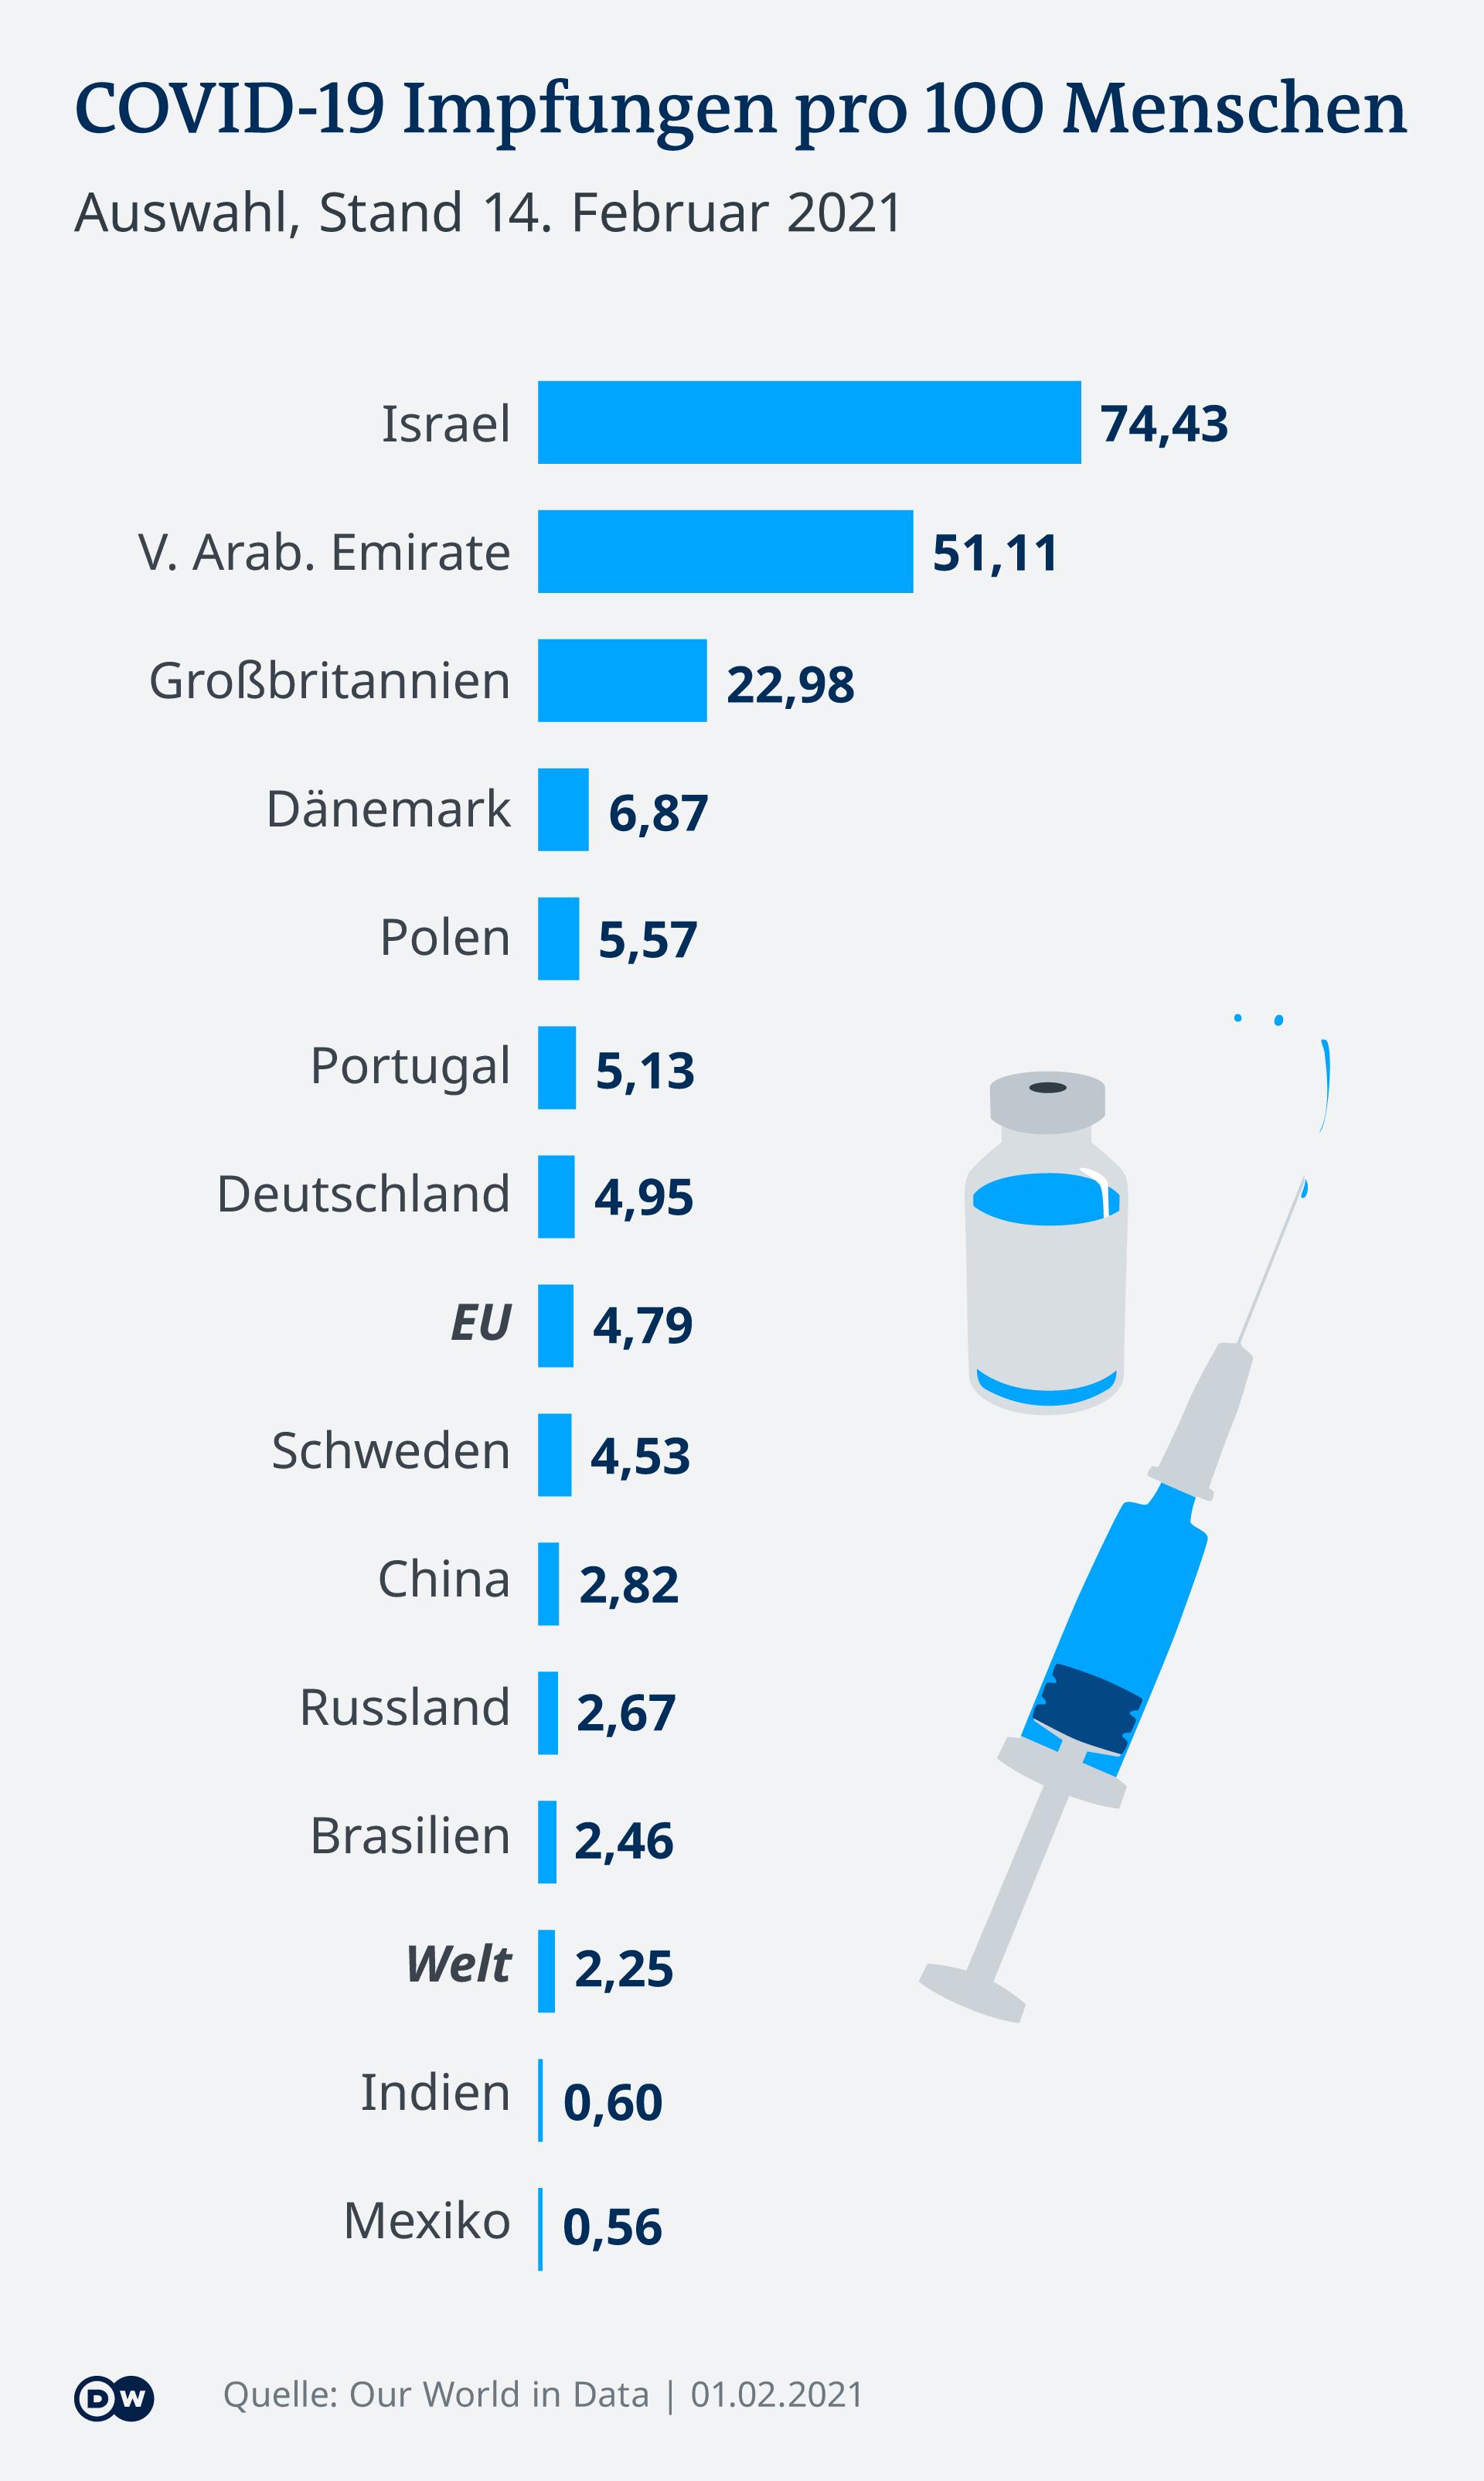 Infografik COVID-19 Impfungen pro 100 Menschen